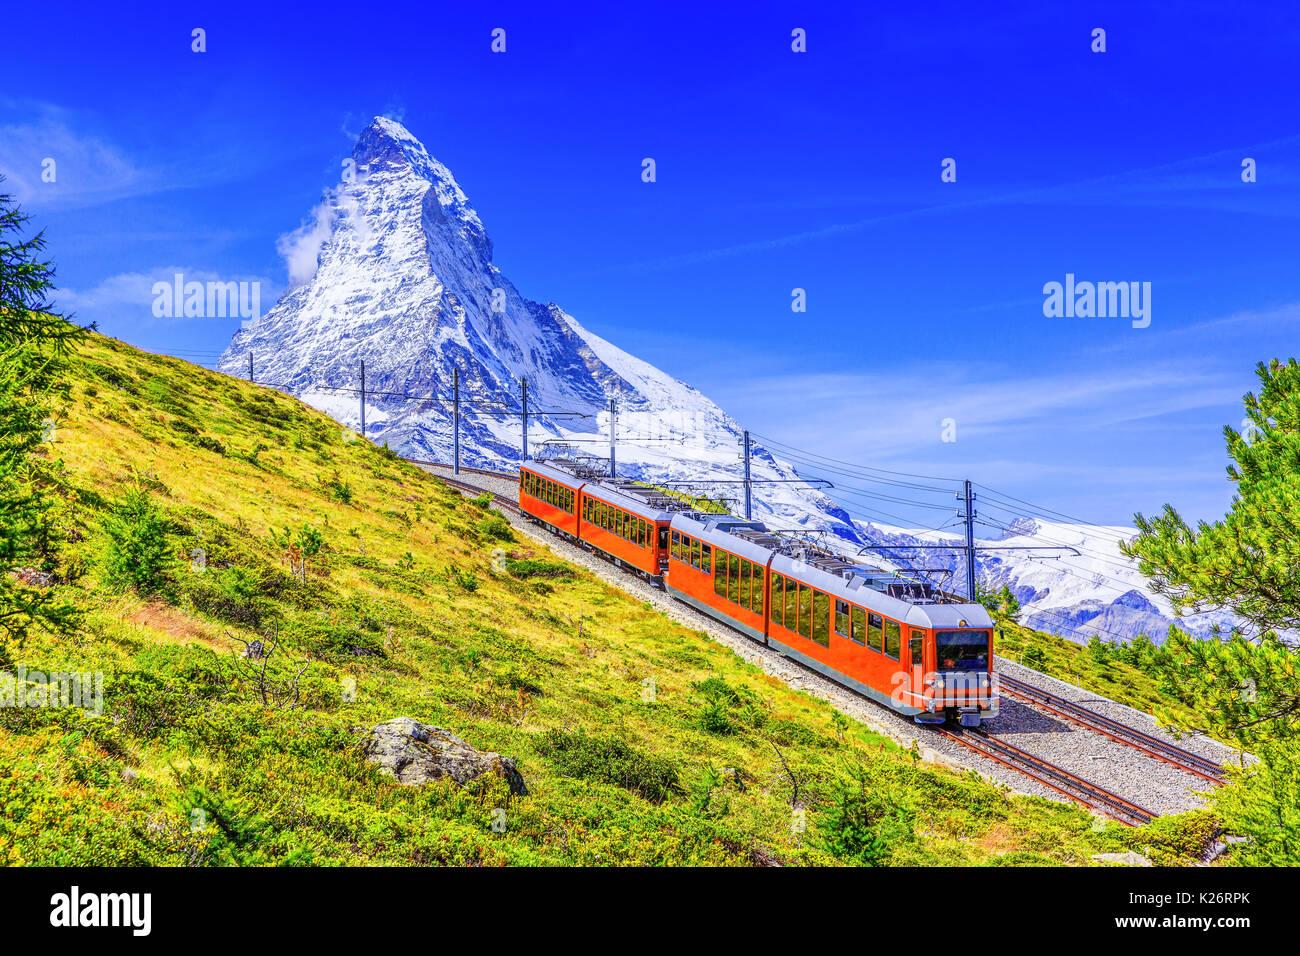 Zermatt, Suisse. Train touristique Gornergrat Matterhorn avec en arrière-plan. Région du Valais. Photo Stock